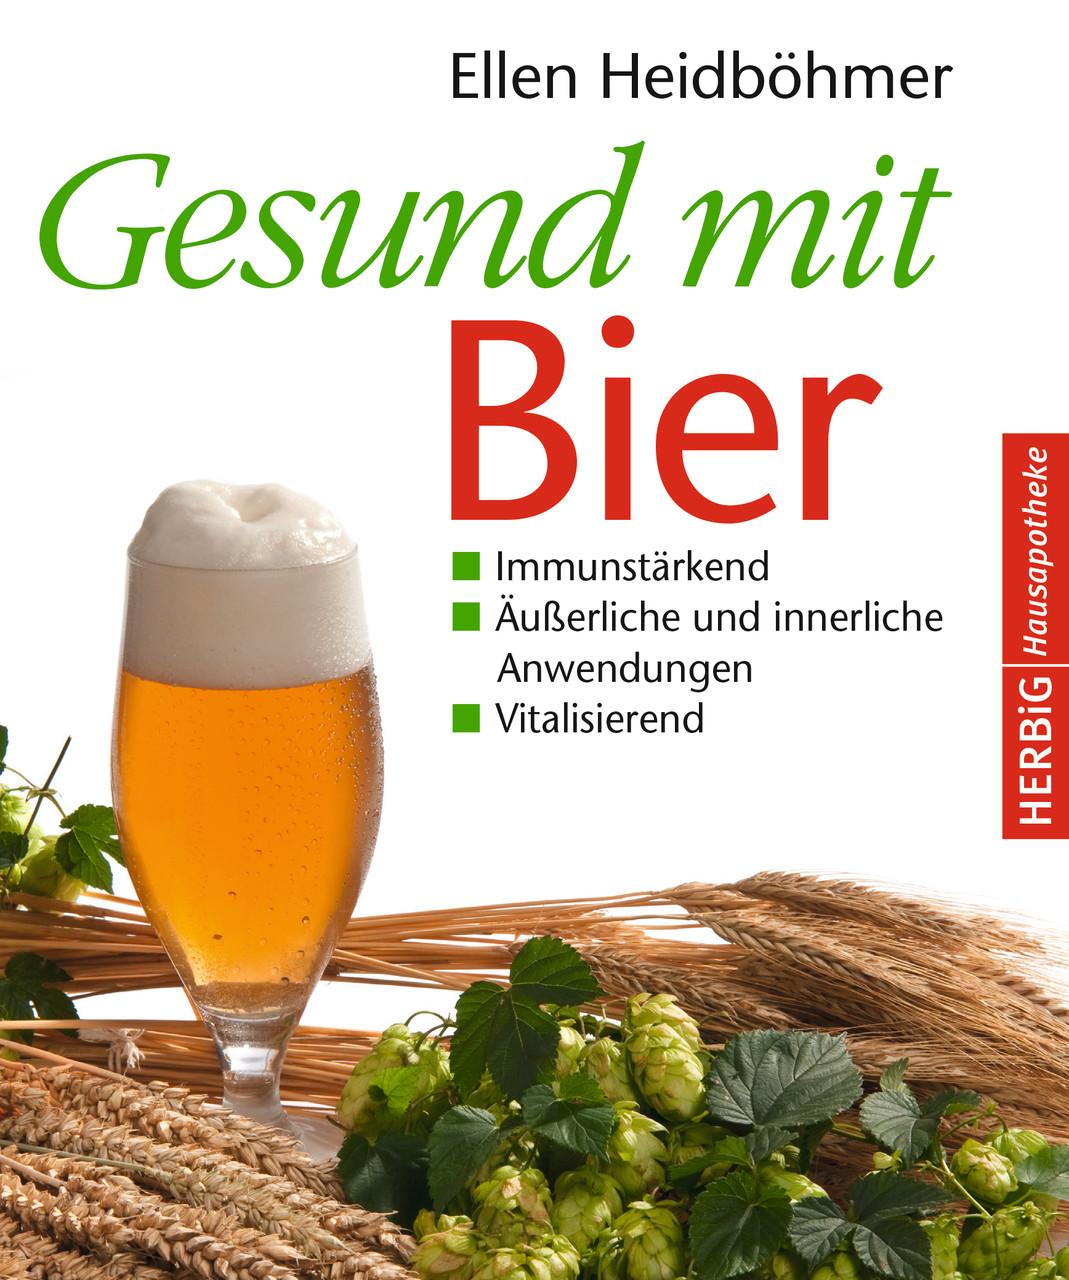 Gesund mit Bier Originalausgabe Herbig Verlag 2015